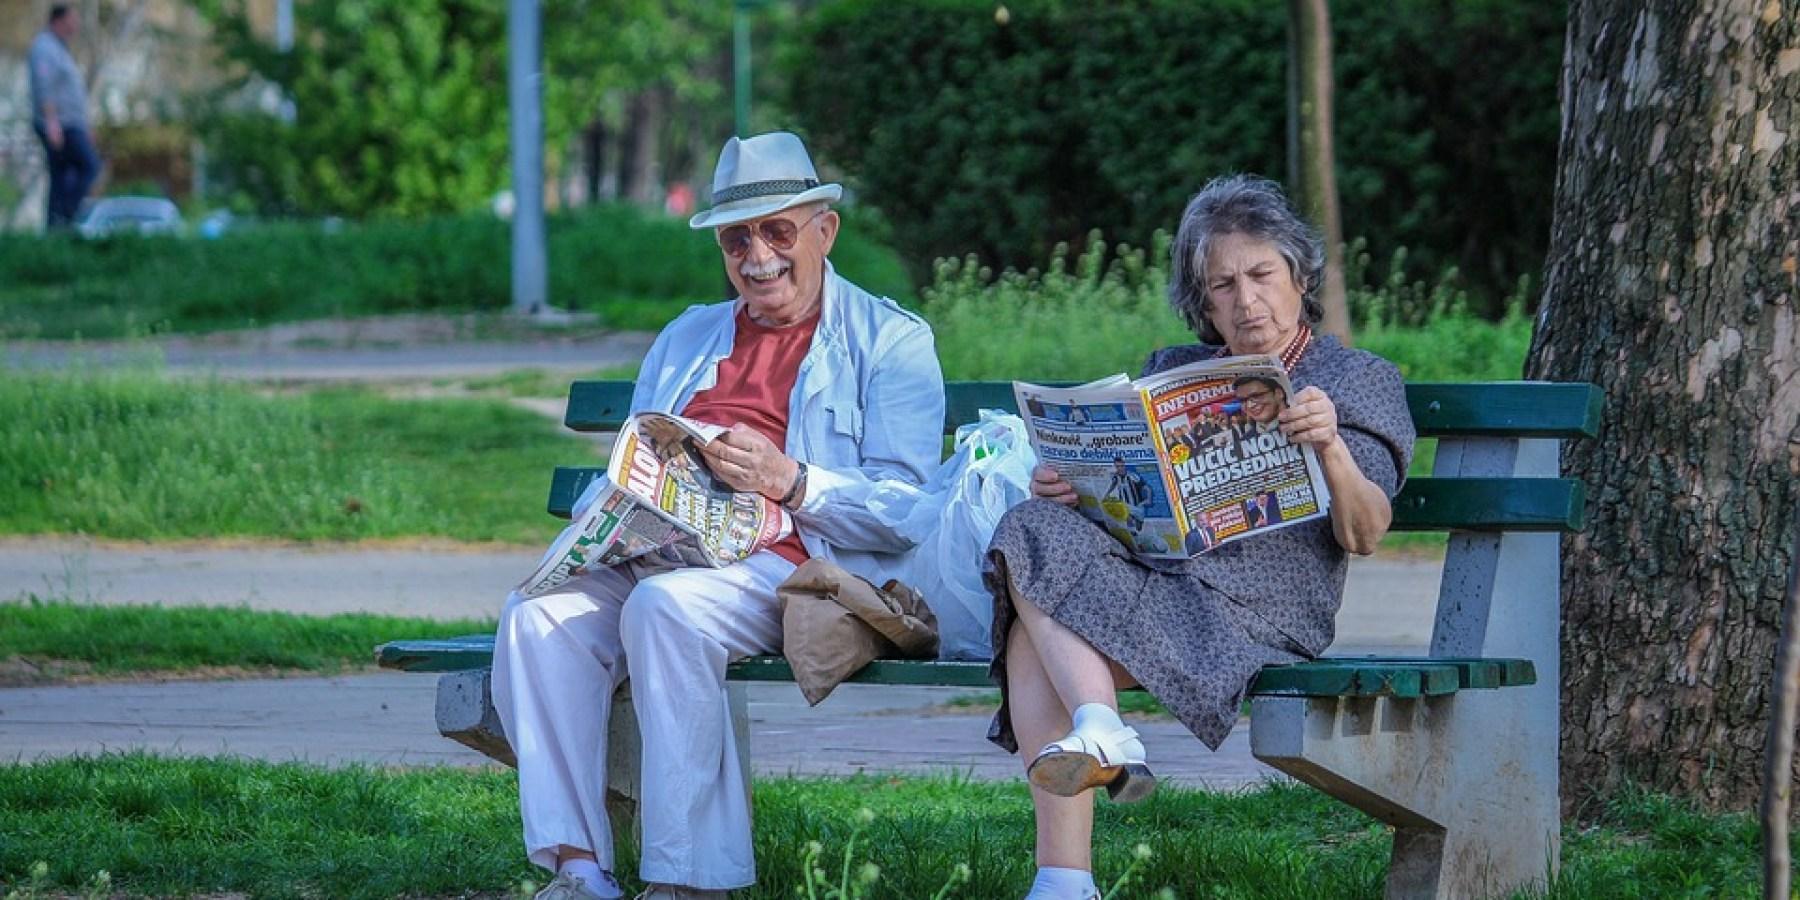 Auf den Ruhestand sollte man sich sorgfältig vorbereiten